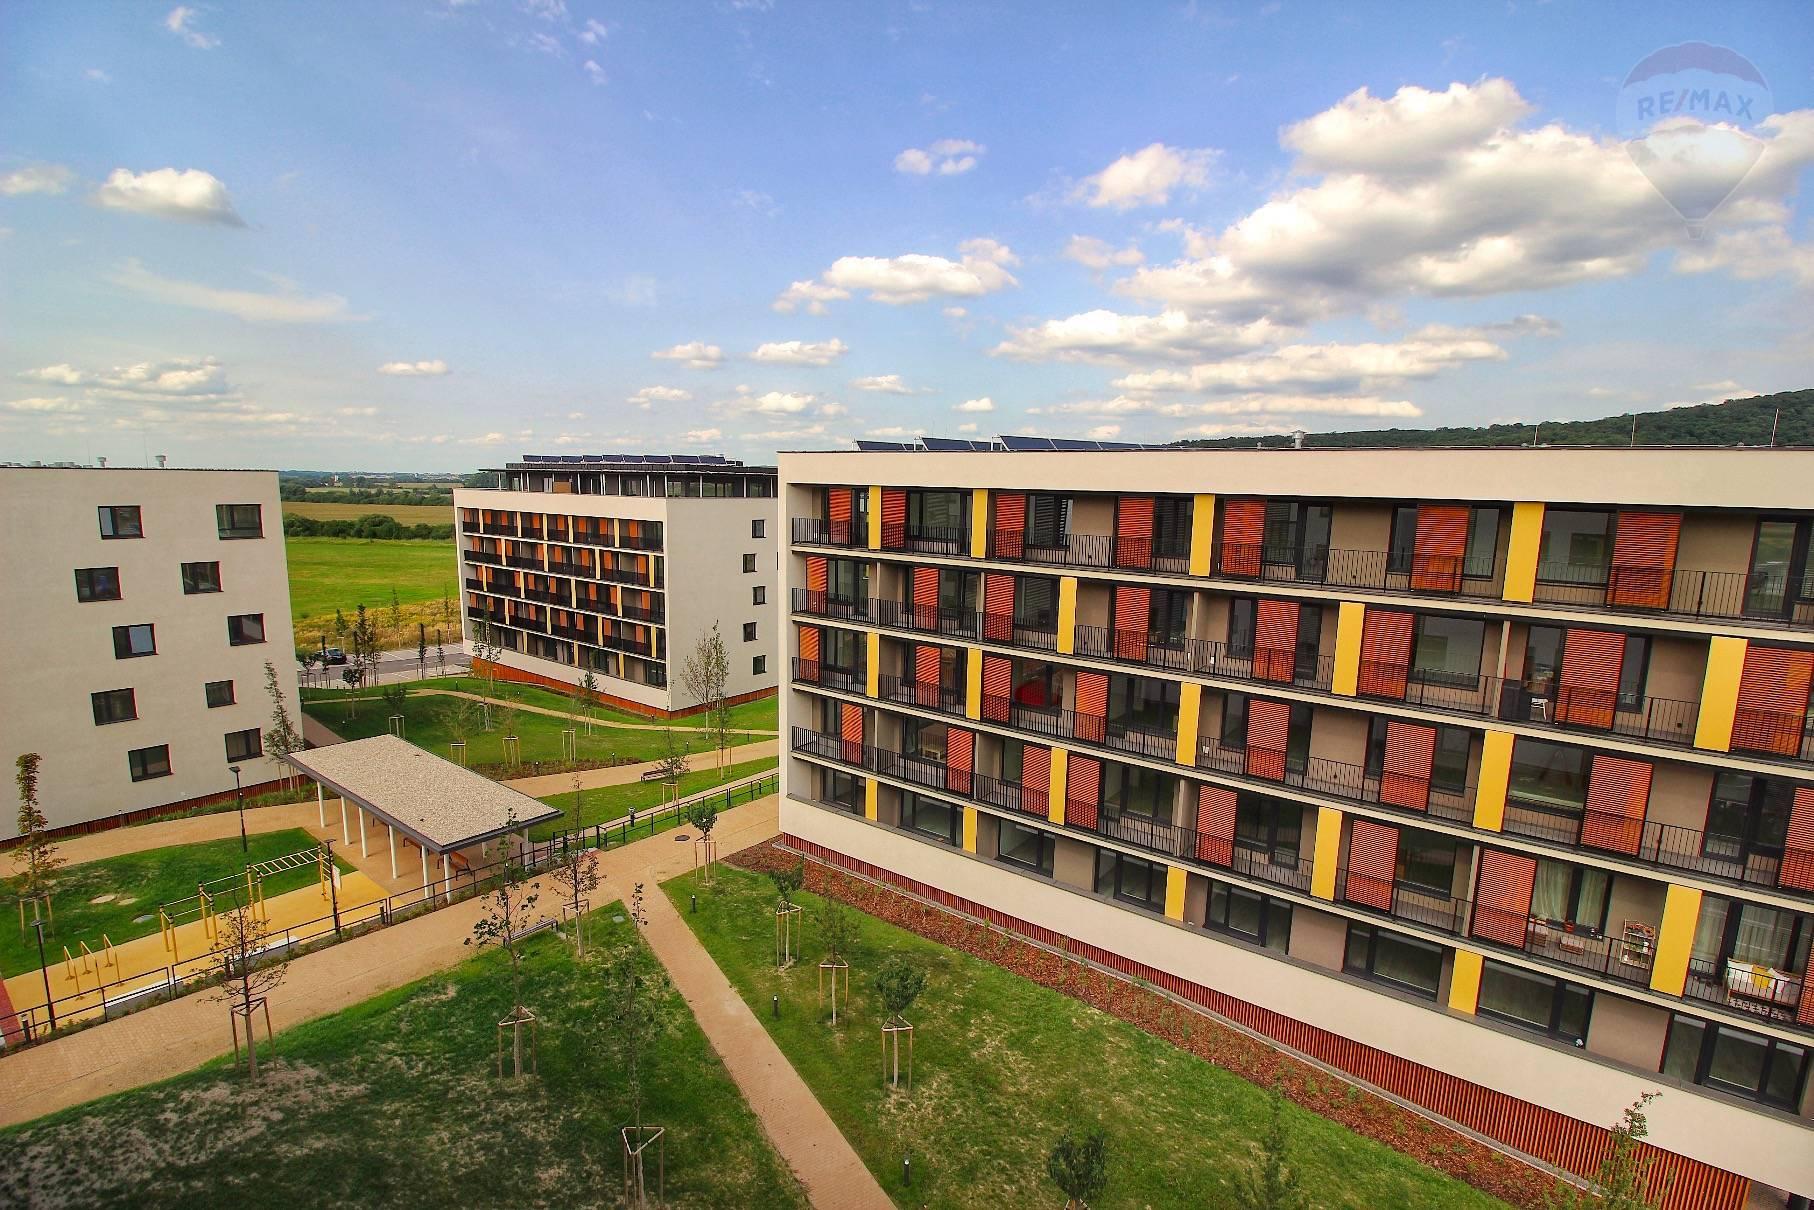 Prenájom bytu (2 izbový) 39 m2, Bratislava - Devínska Nová Ves - ŠTÝLOVÝ A MODERNÝ BYT V NOVOSTAVBE - EŠTE NEOBÝVANÝ - ZARIADENÝ - Bory Bývanie - Top ponuka - Výhľad